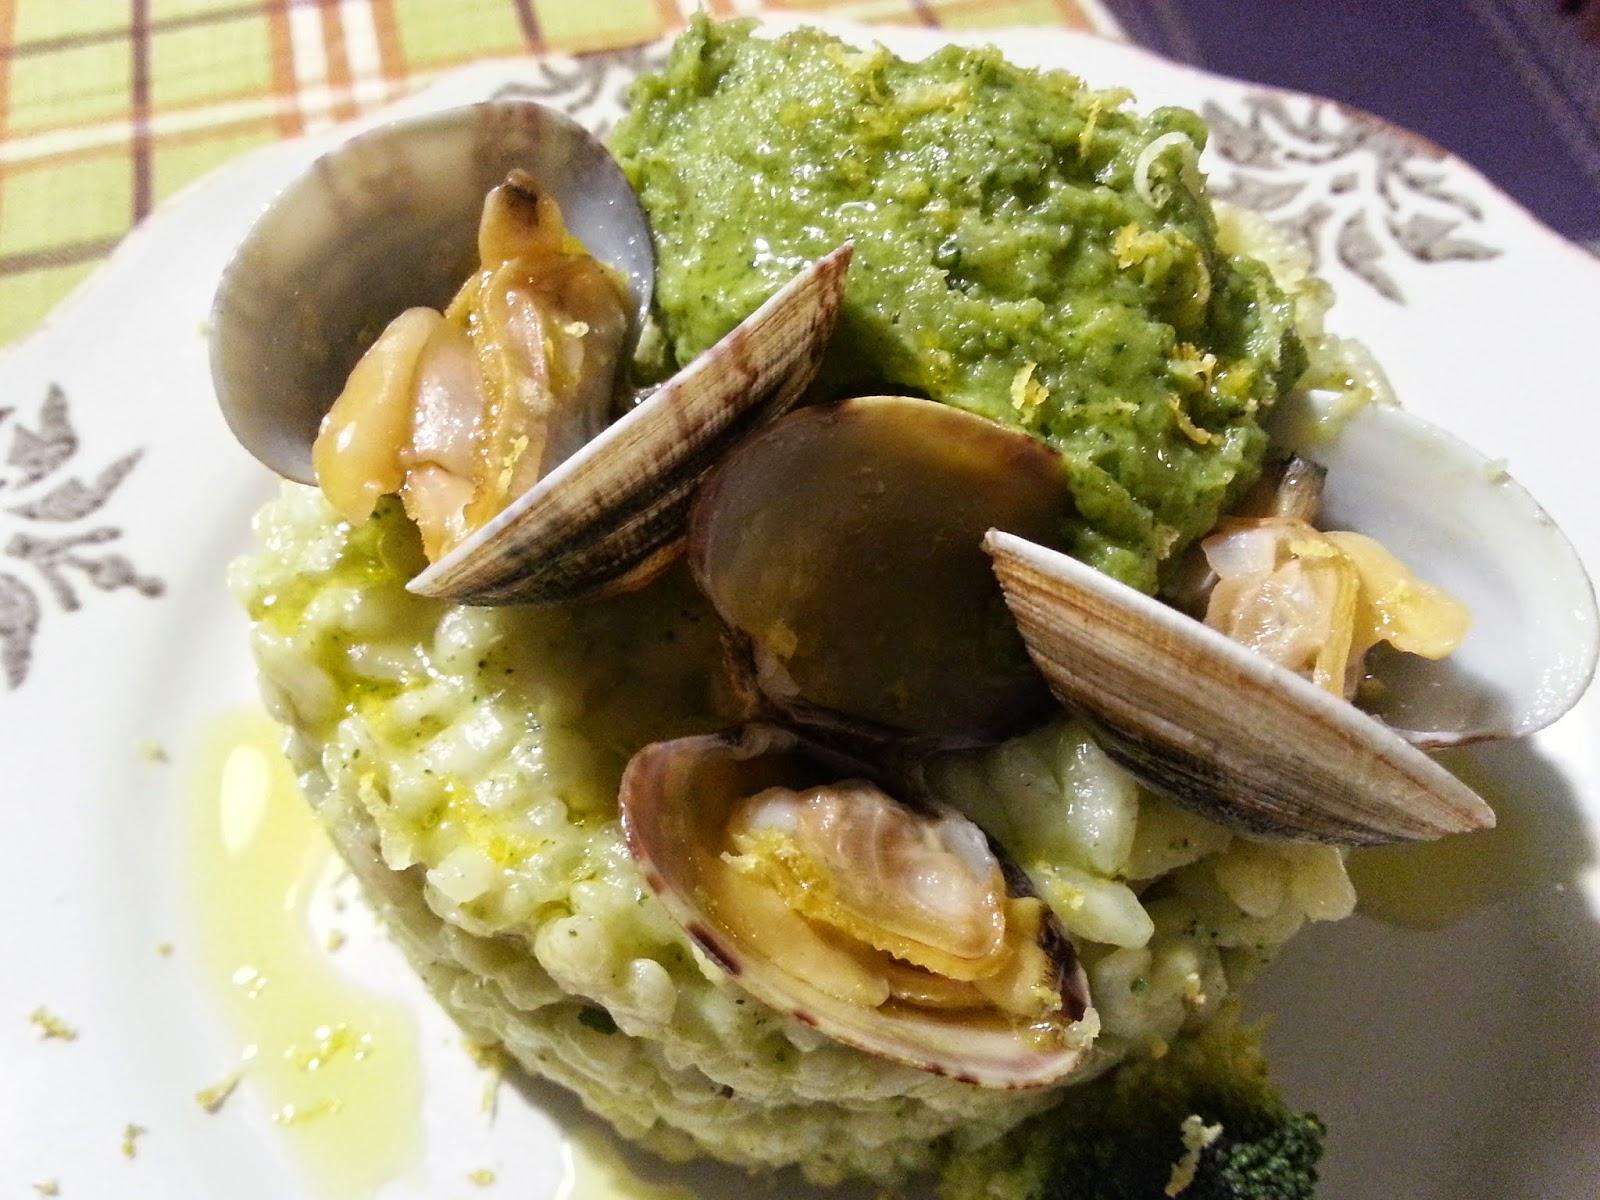 Fatemi cucinare risotto broccoli e vongole for Cucinare broccoli